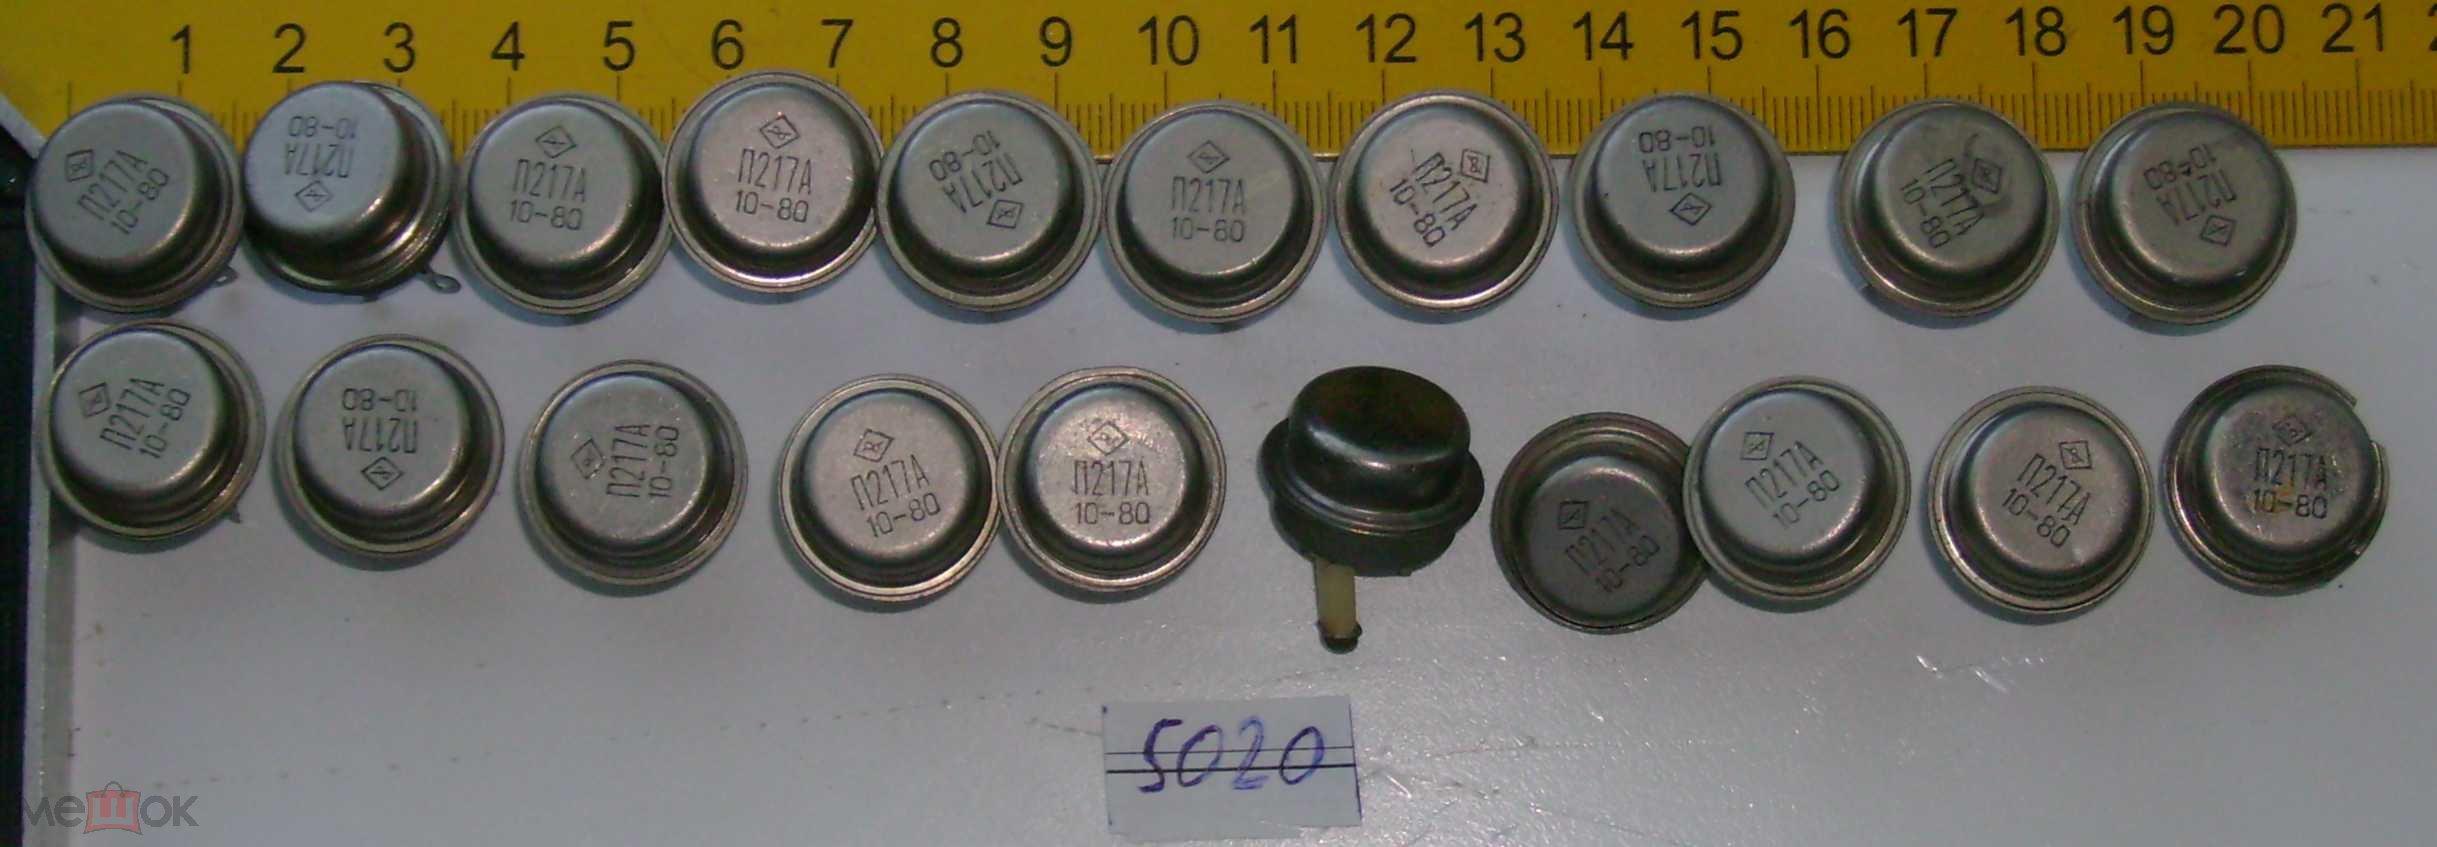 Транзистор П217А 78 - 80 гг 14 новых + 6 б/у